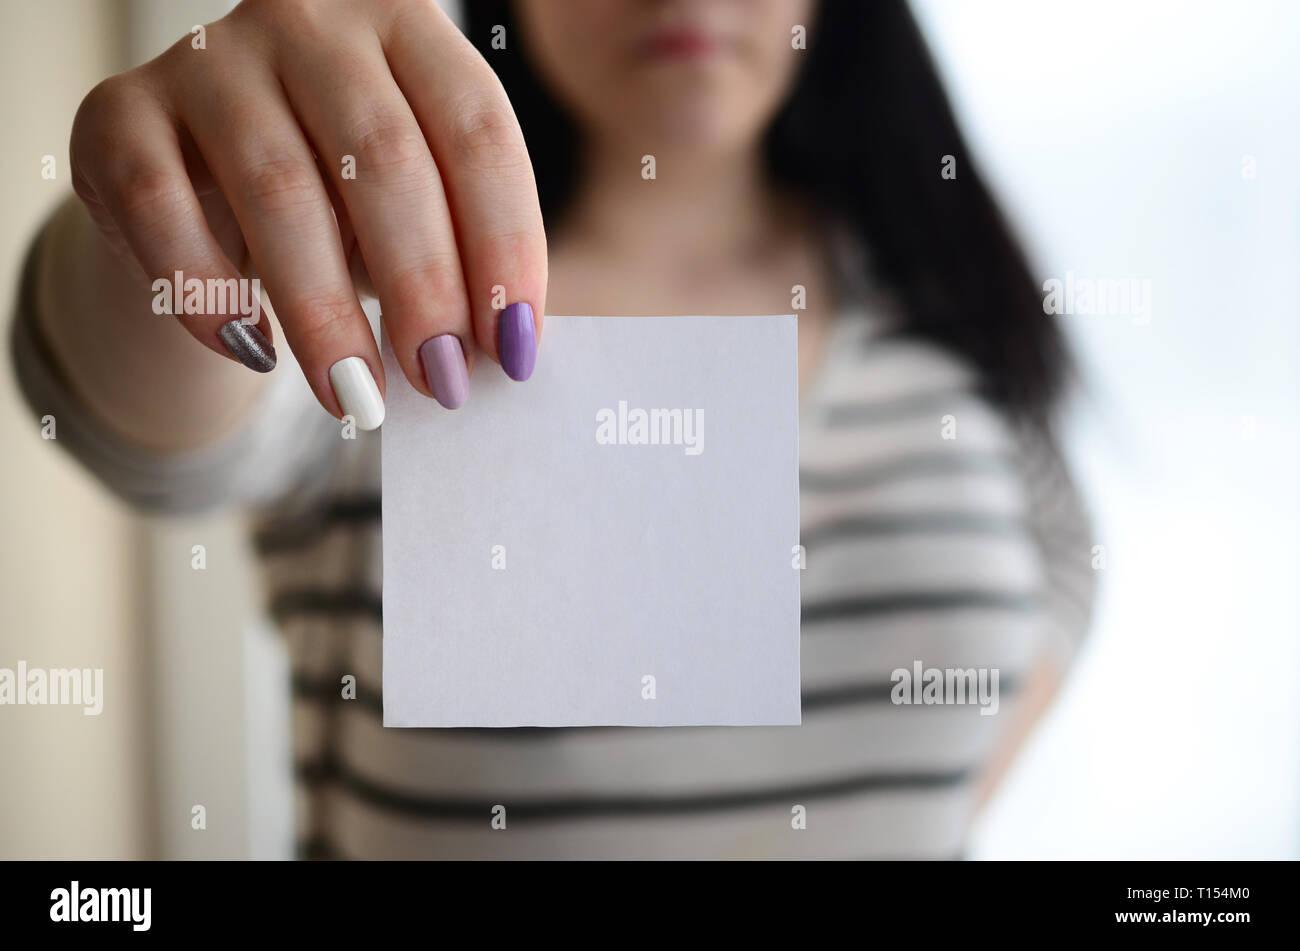 Jeune fille triste montre un autocollant blanc. Caucasian brunette tenant une feuille de papier vierge comme modèle pour votre texte Banque D'Images